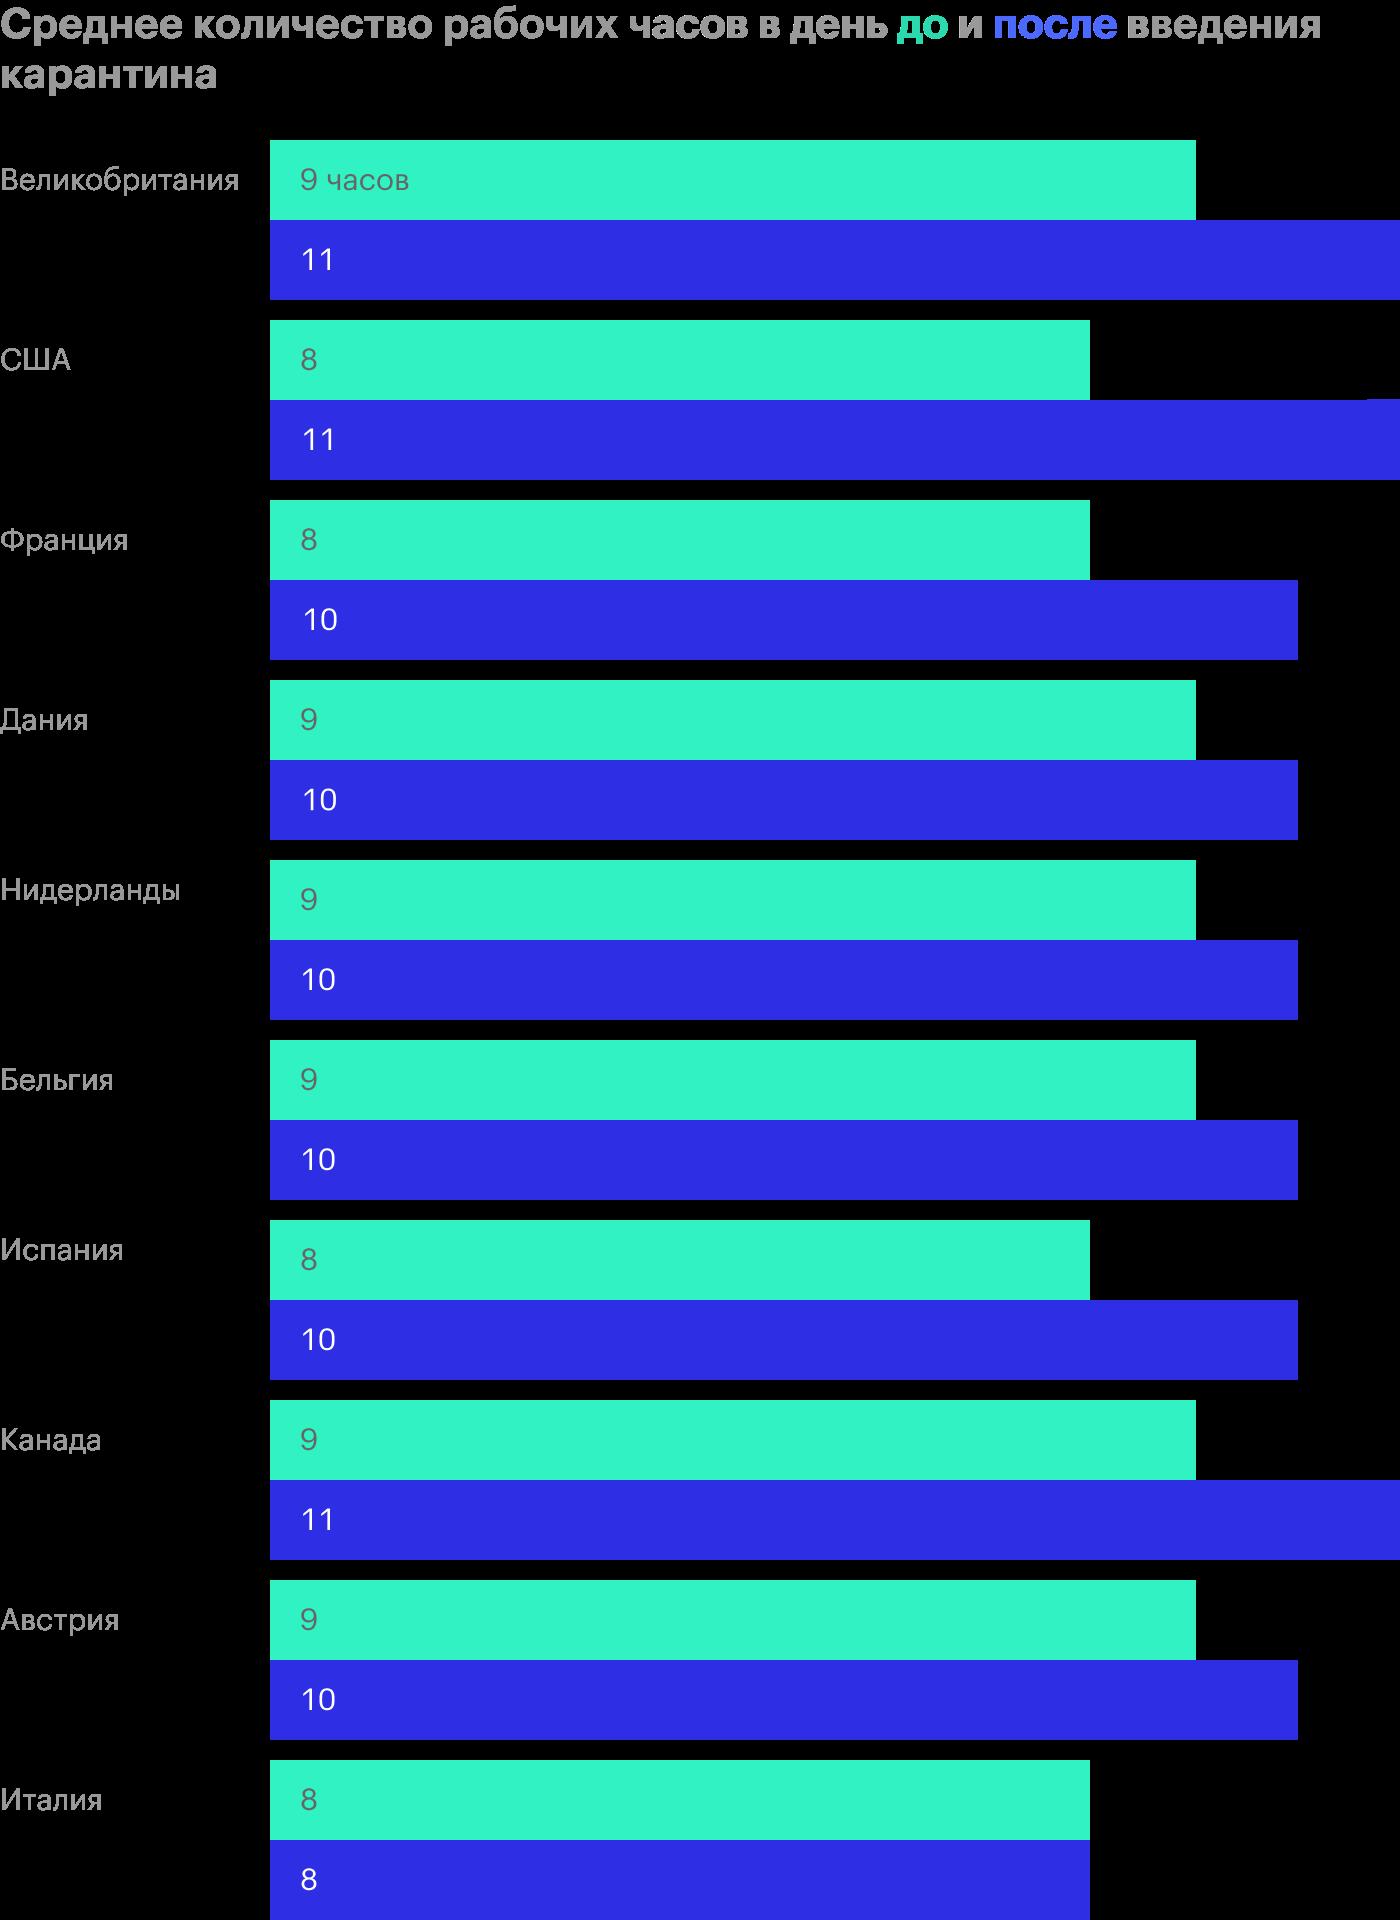 Среднее количество рабочих часов в день в разных странах до и после введения карантина: оранжевый — рабочая неделя до 11 марта, серый — рабочая неделя после 11 марта. Источник:Bloomberg